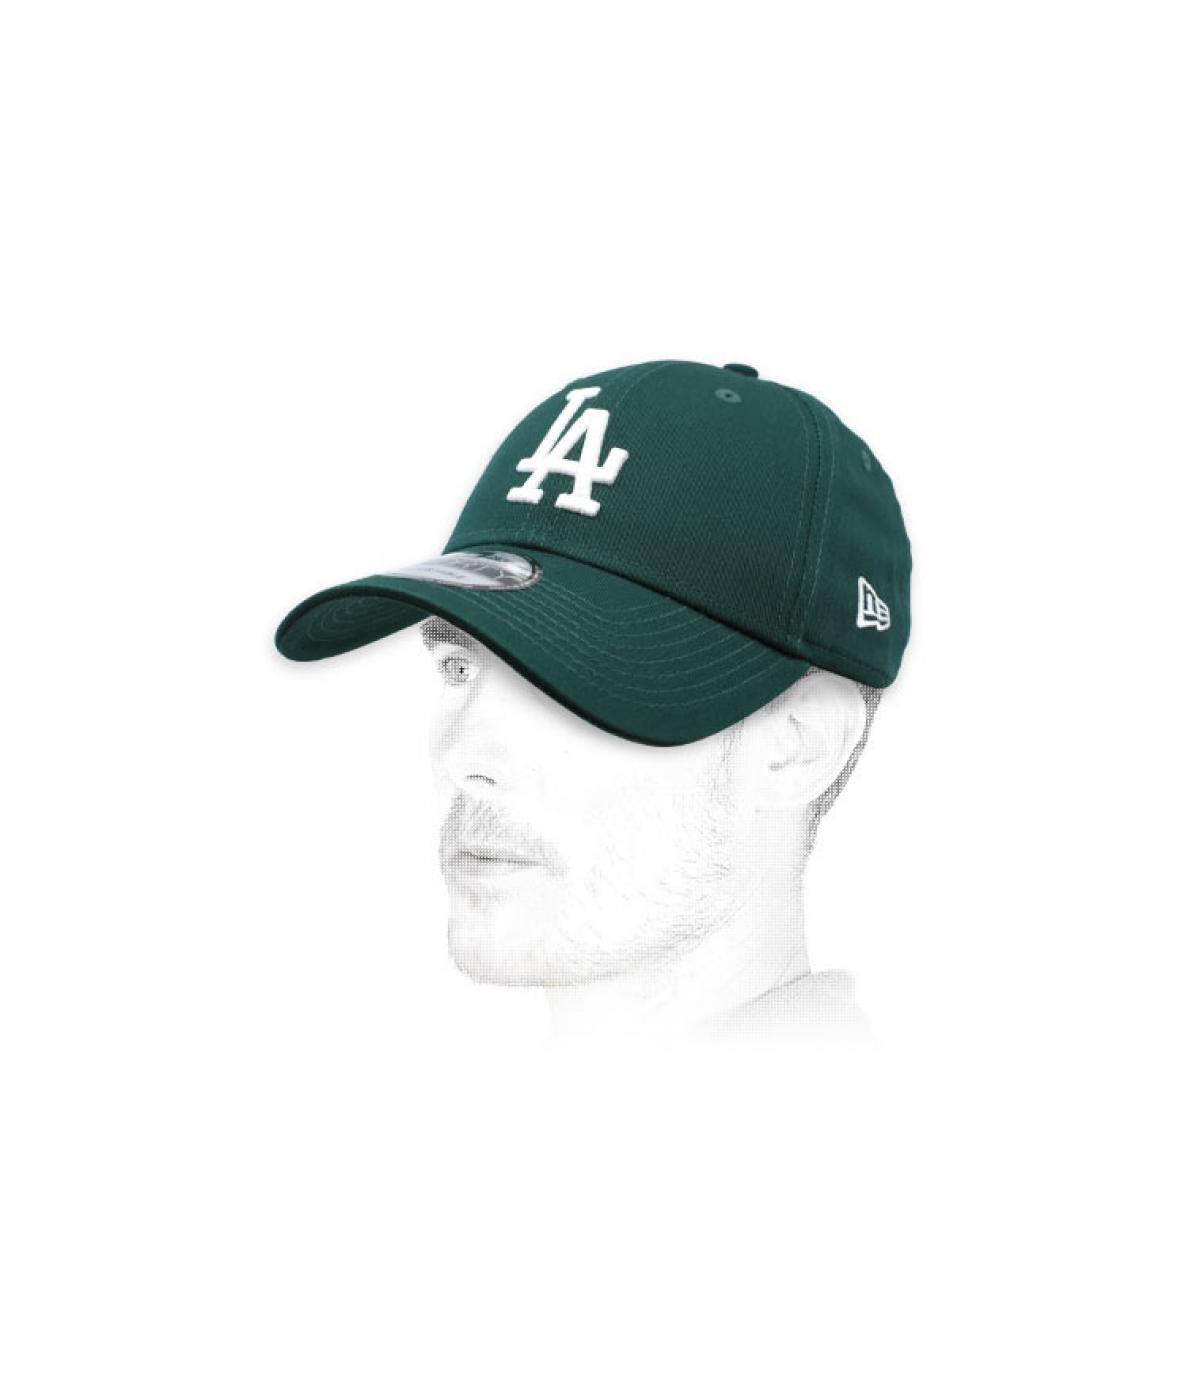 green LA cap